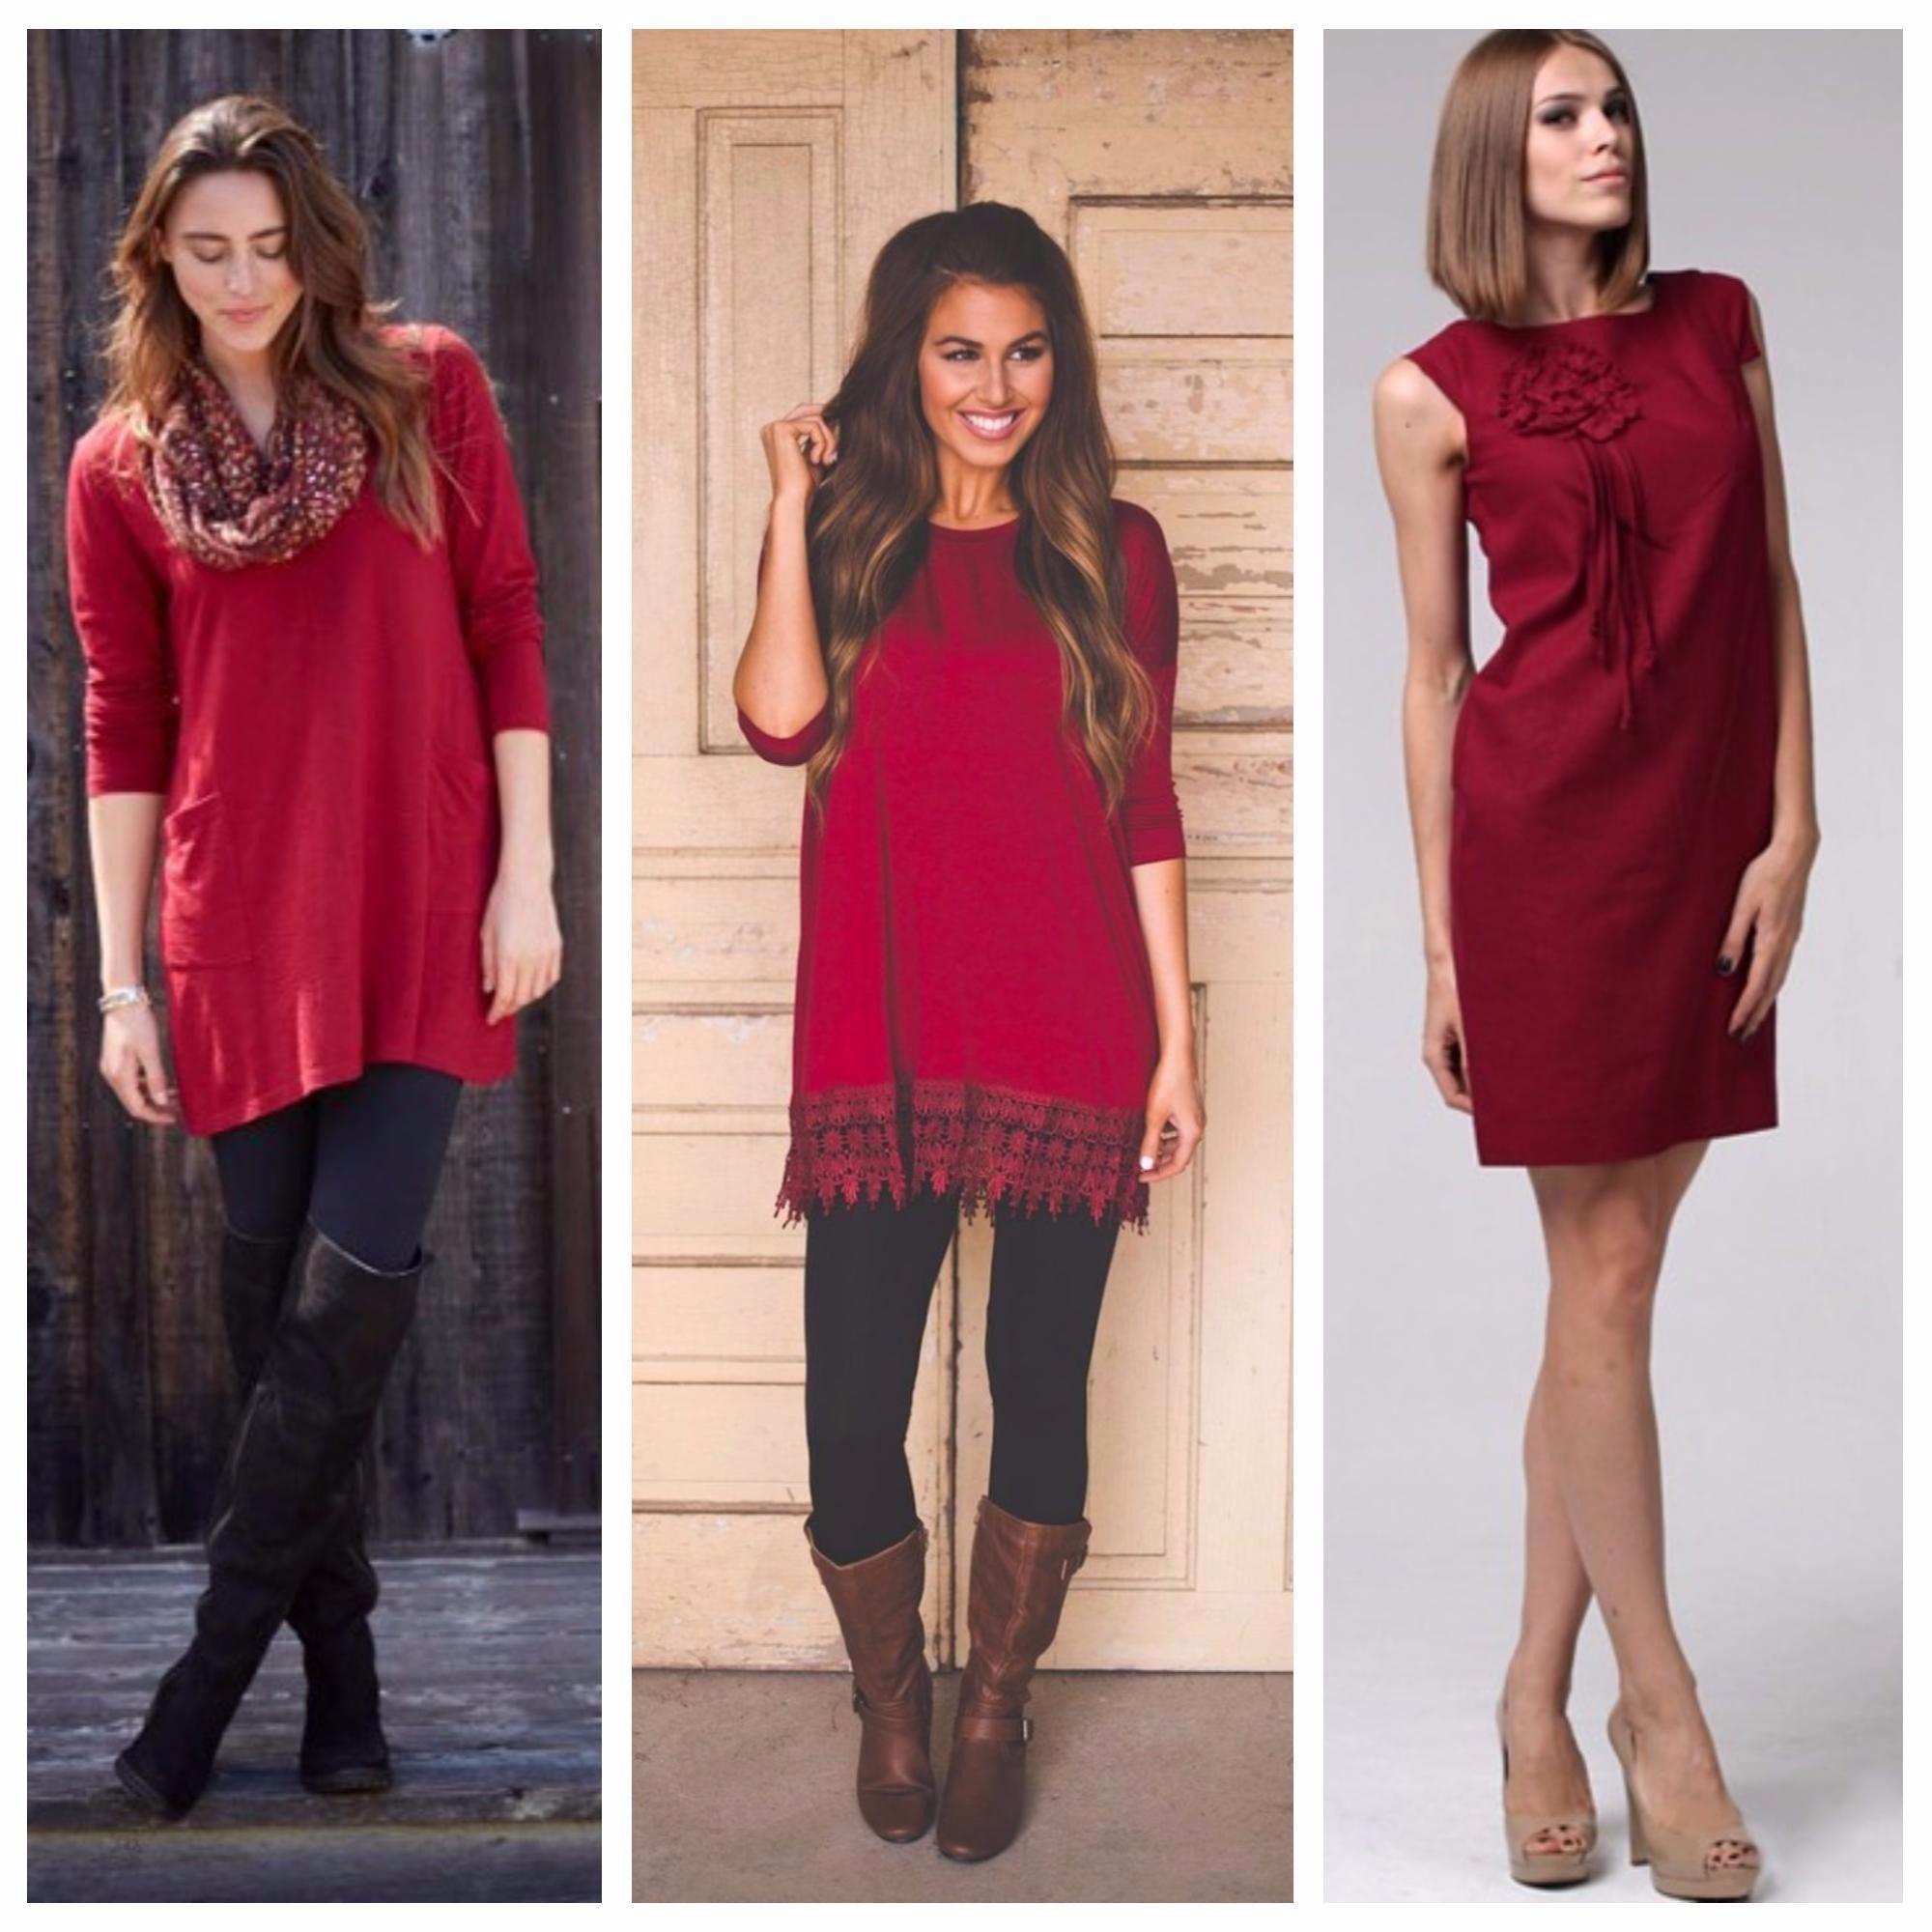 Сочетание бордового цвета в одежде — как выбрать и с чем носить